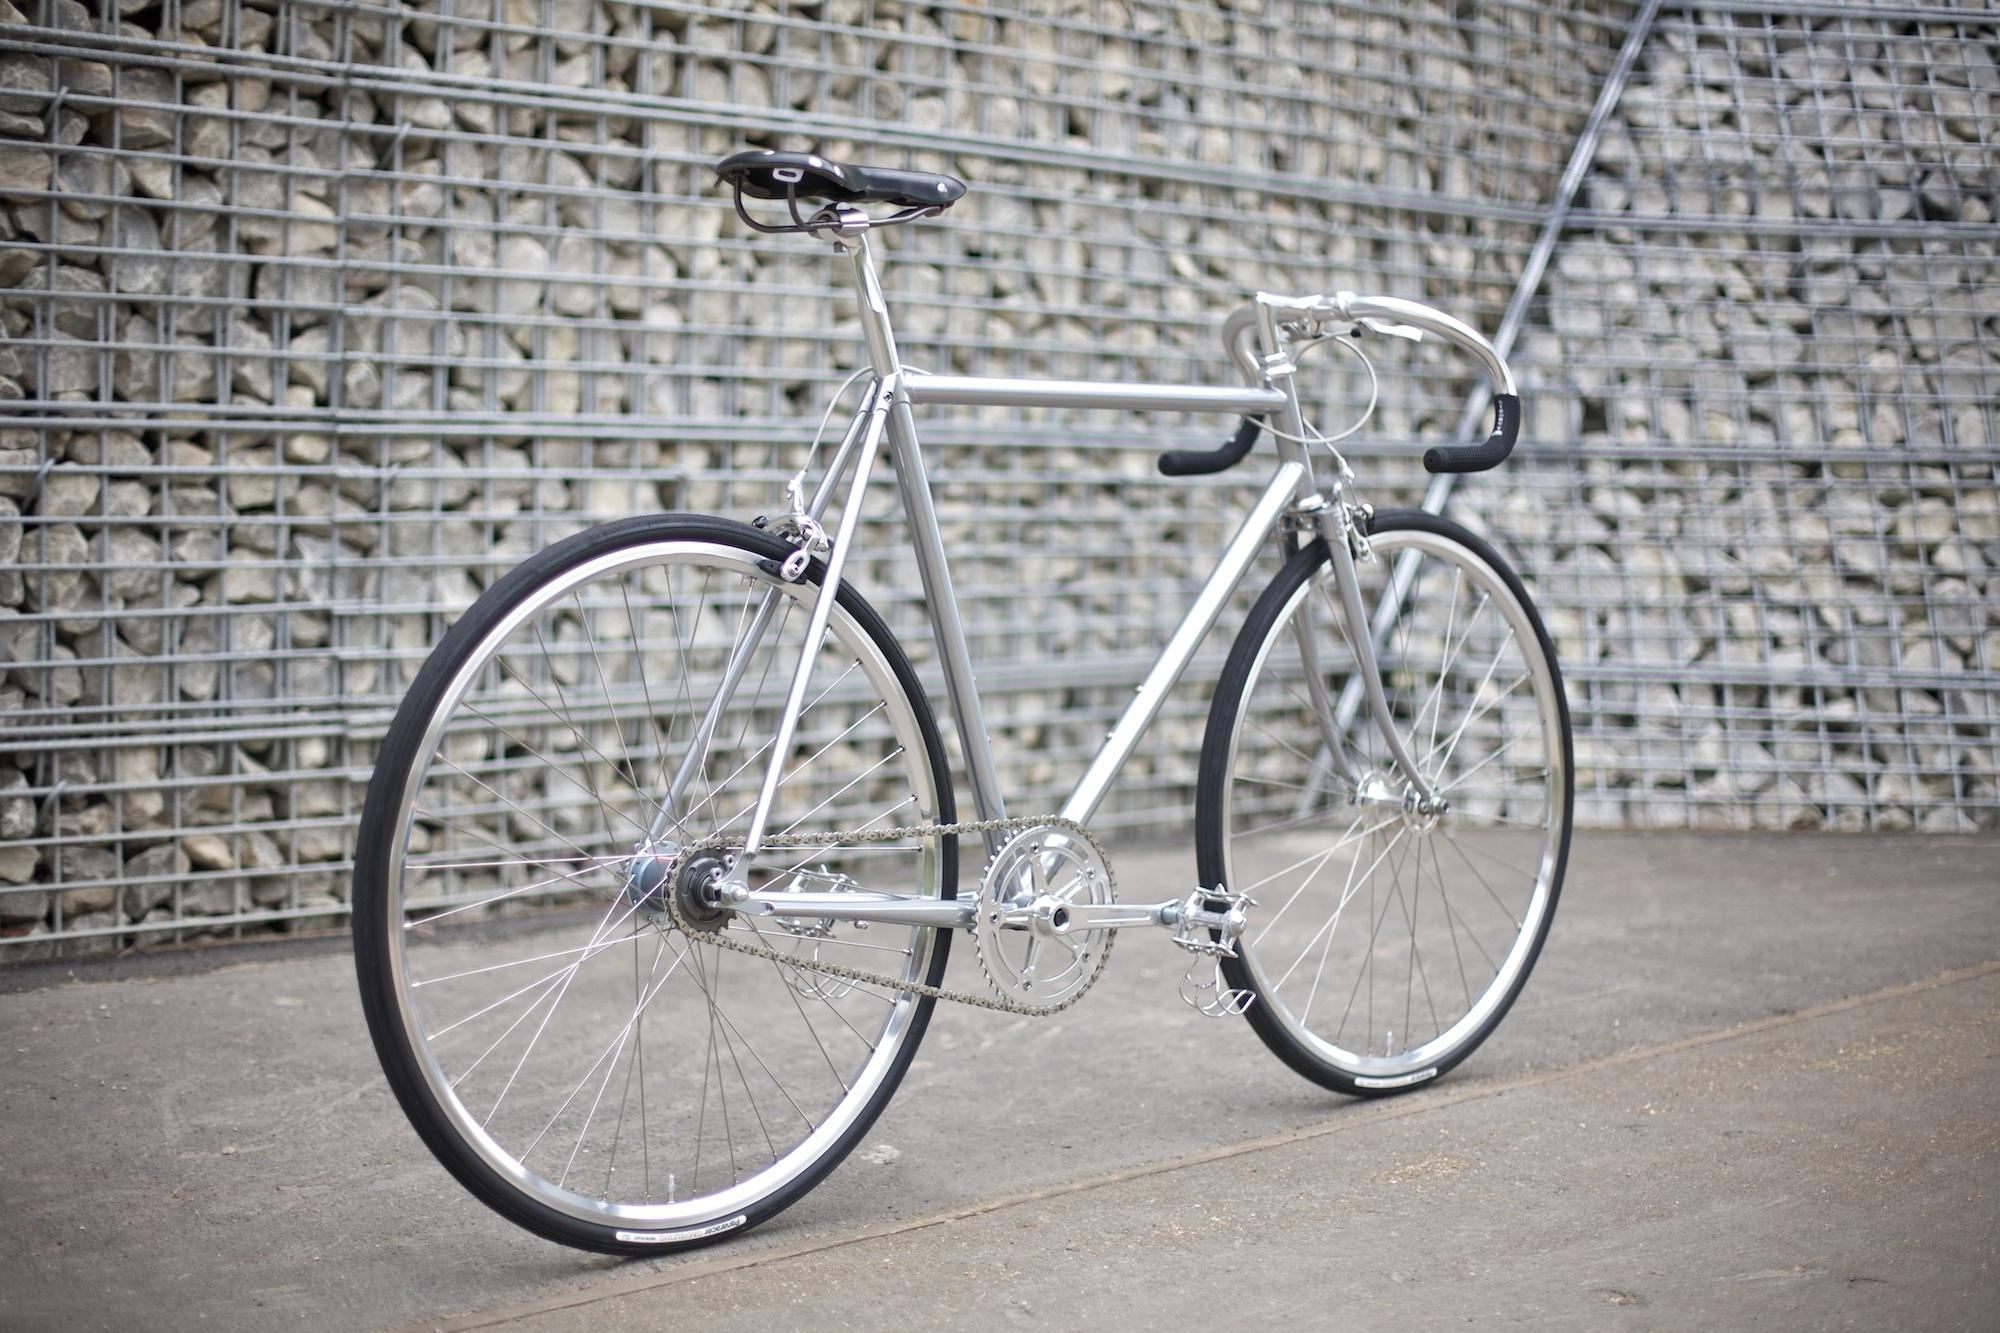 Fleet-DB-Silver-Edition-Freddie-Grubb-London 4 copy.jpg